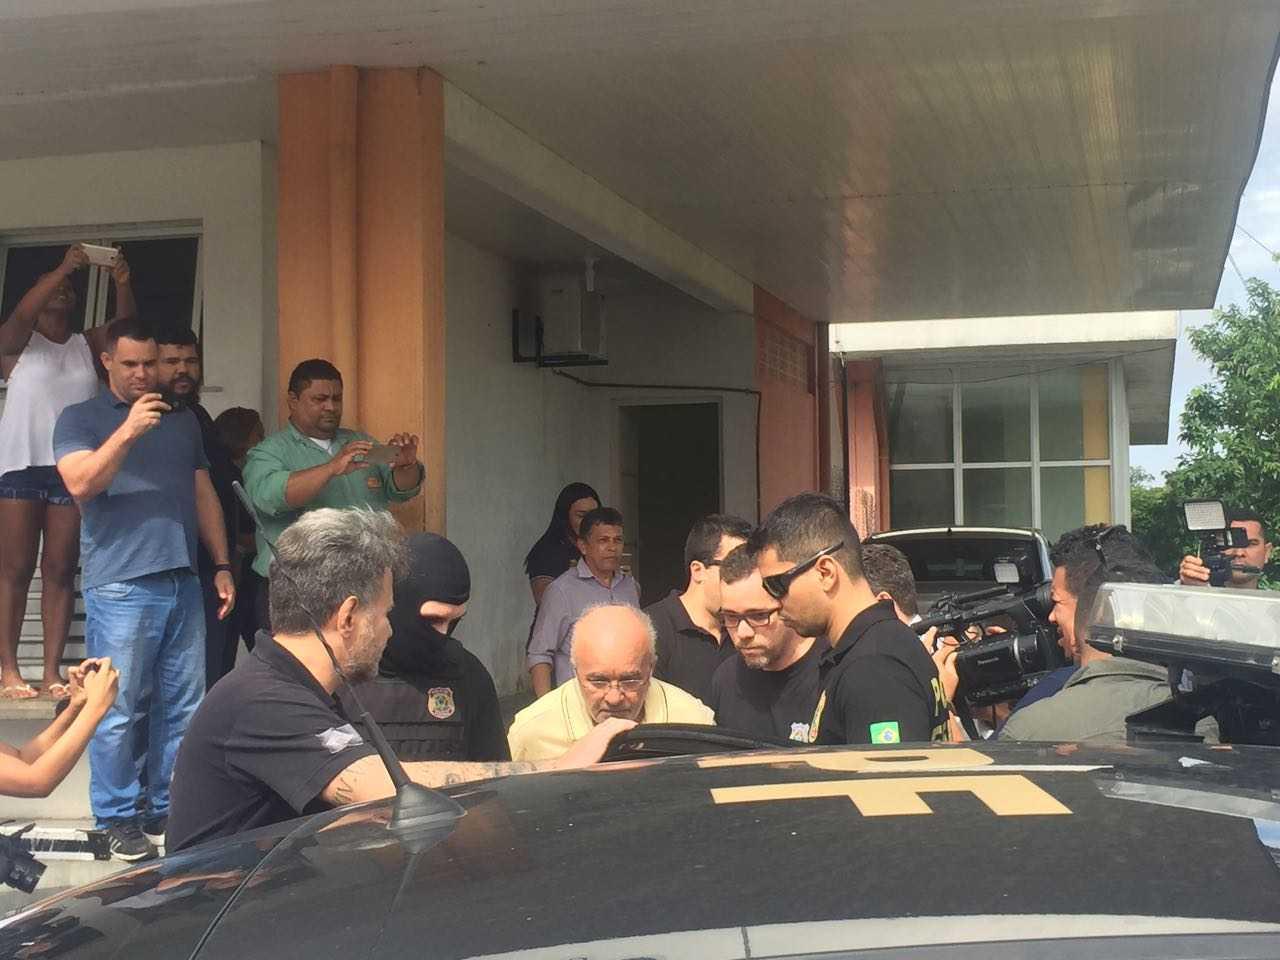 Governador cassado José Melo é encaminhado para Centro de Detenção Provisória em Manaus - Imagem: Via Whatsapp